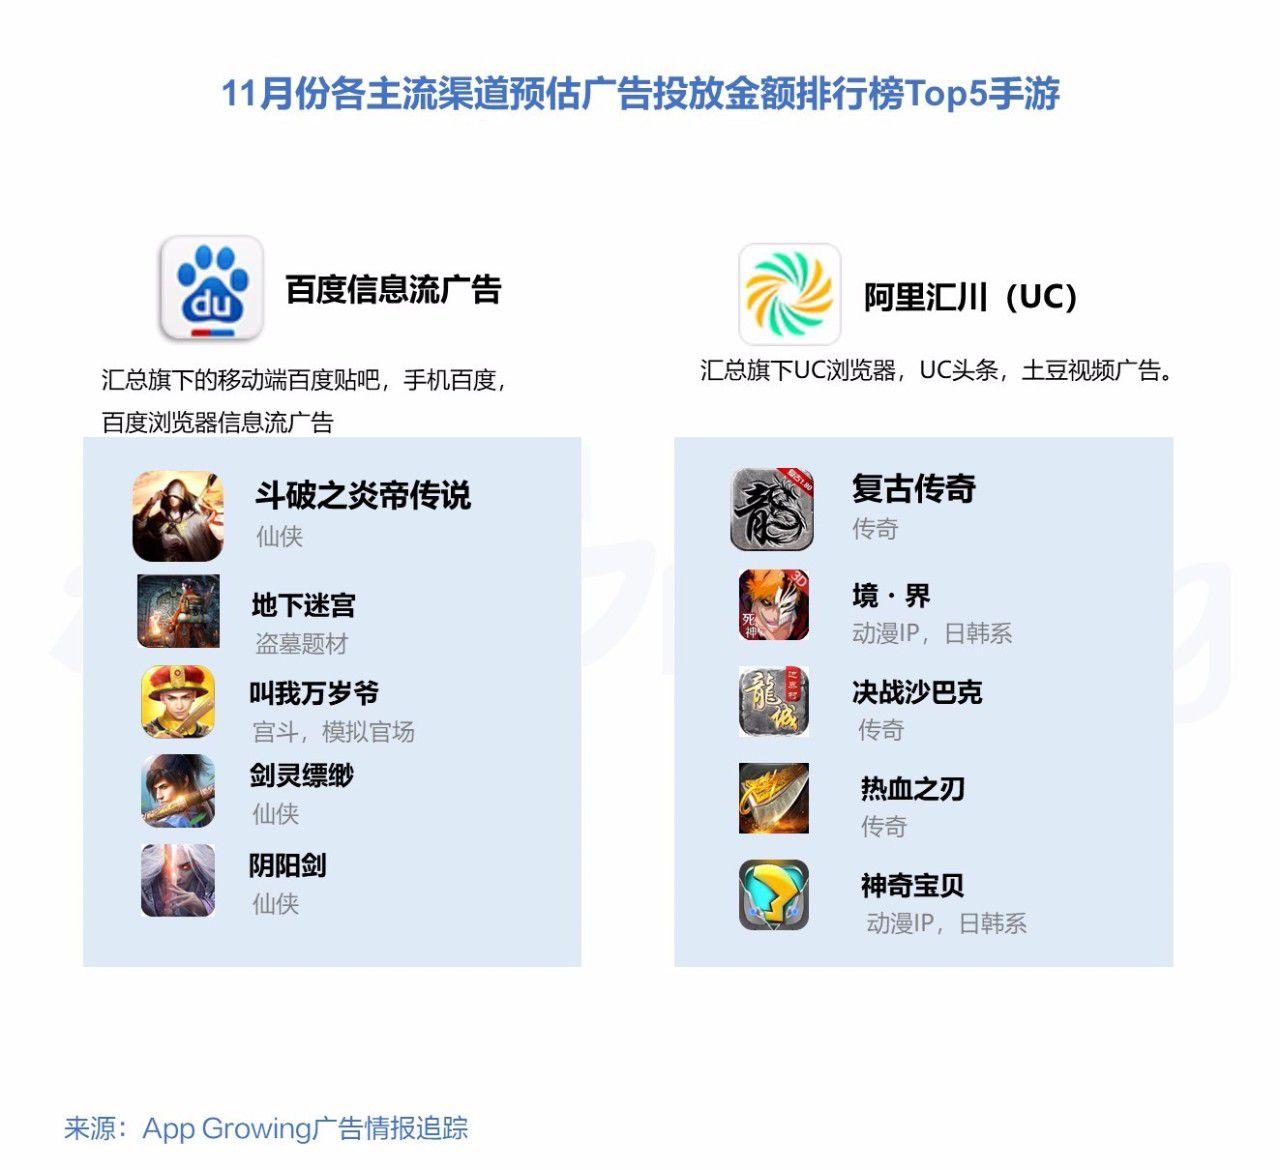 各主流渠道广告投放数排行榜Top5的手游盘点,买量头部应用主要为RPG/策略游戏